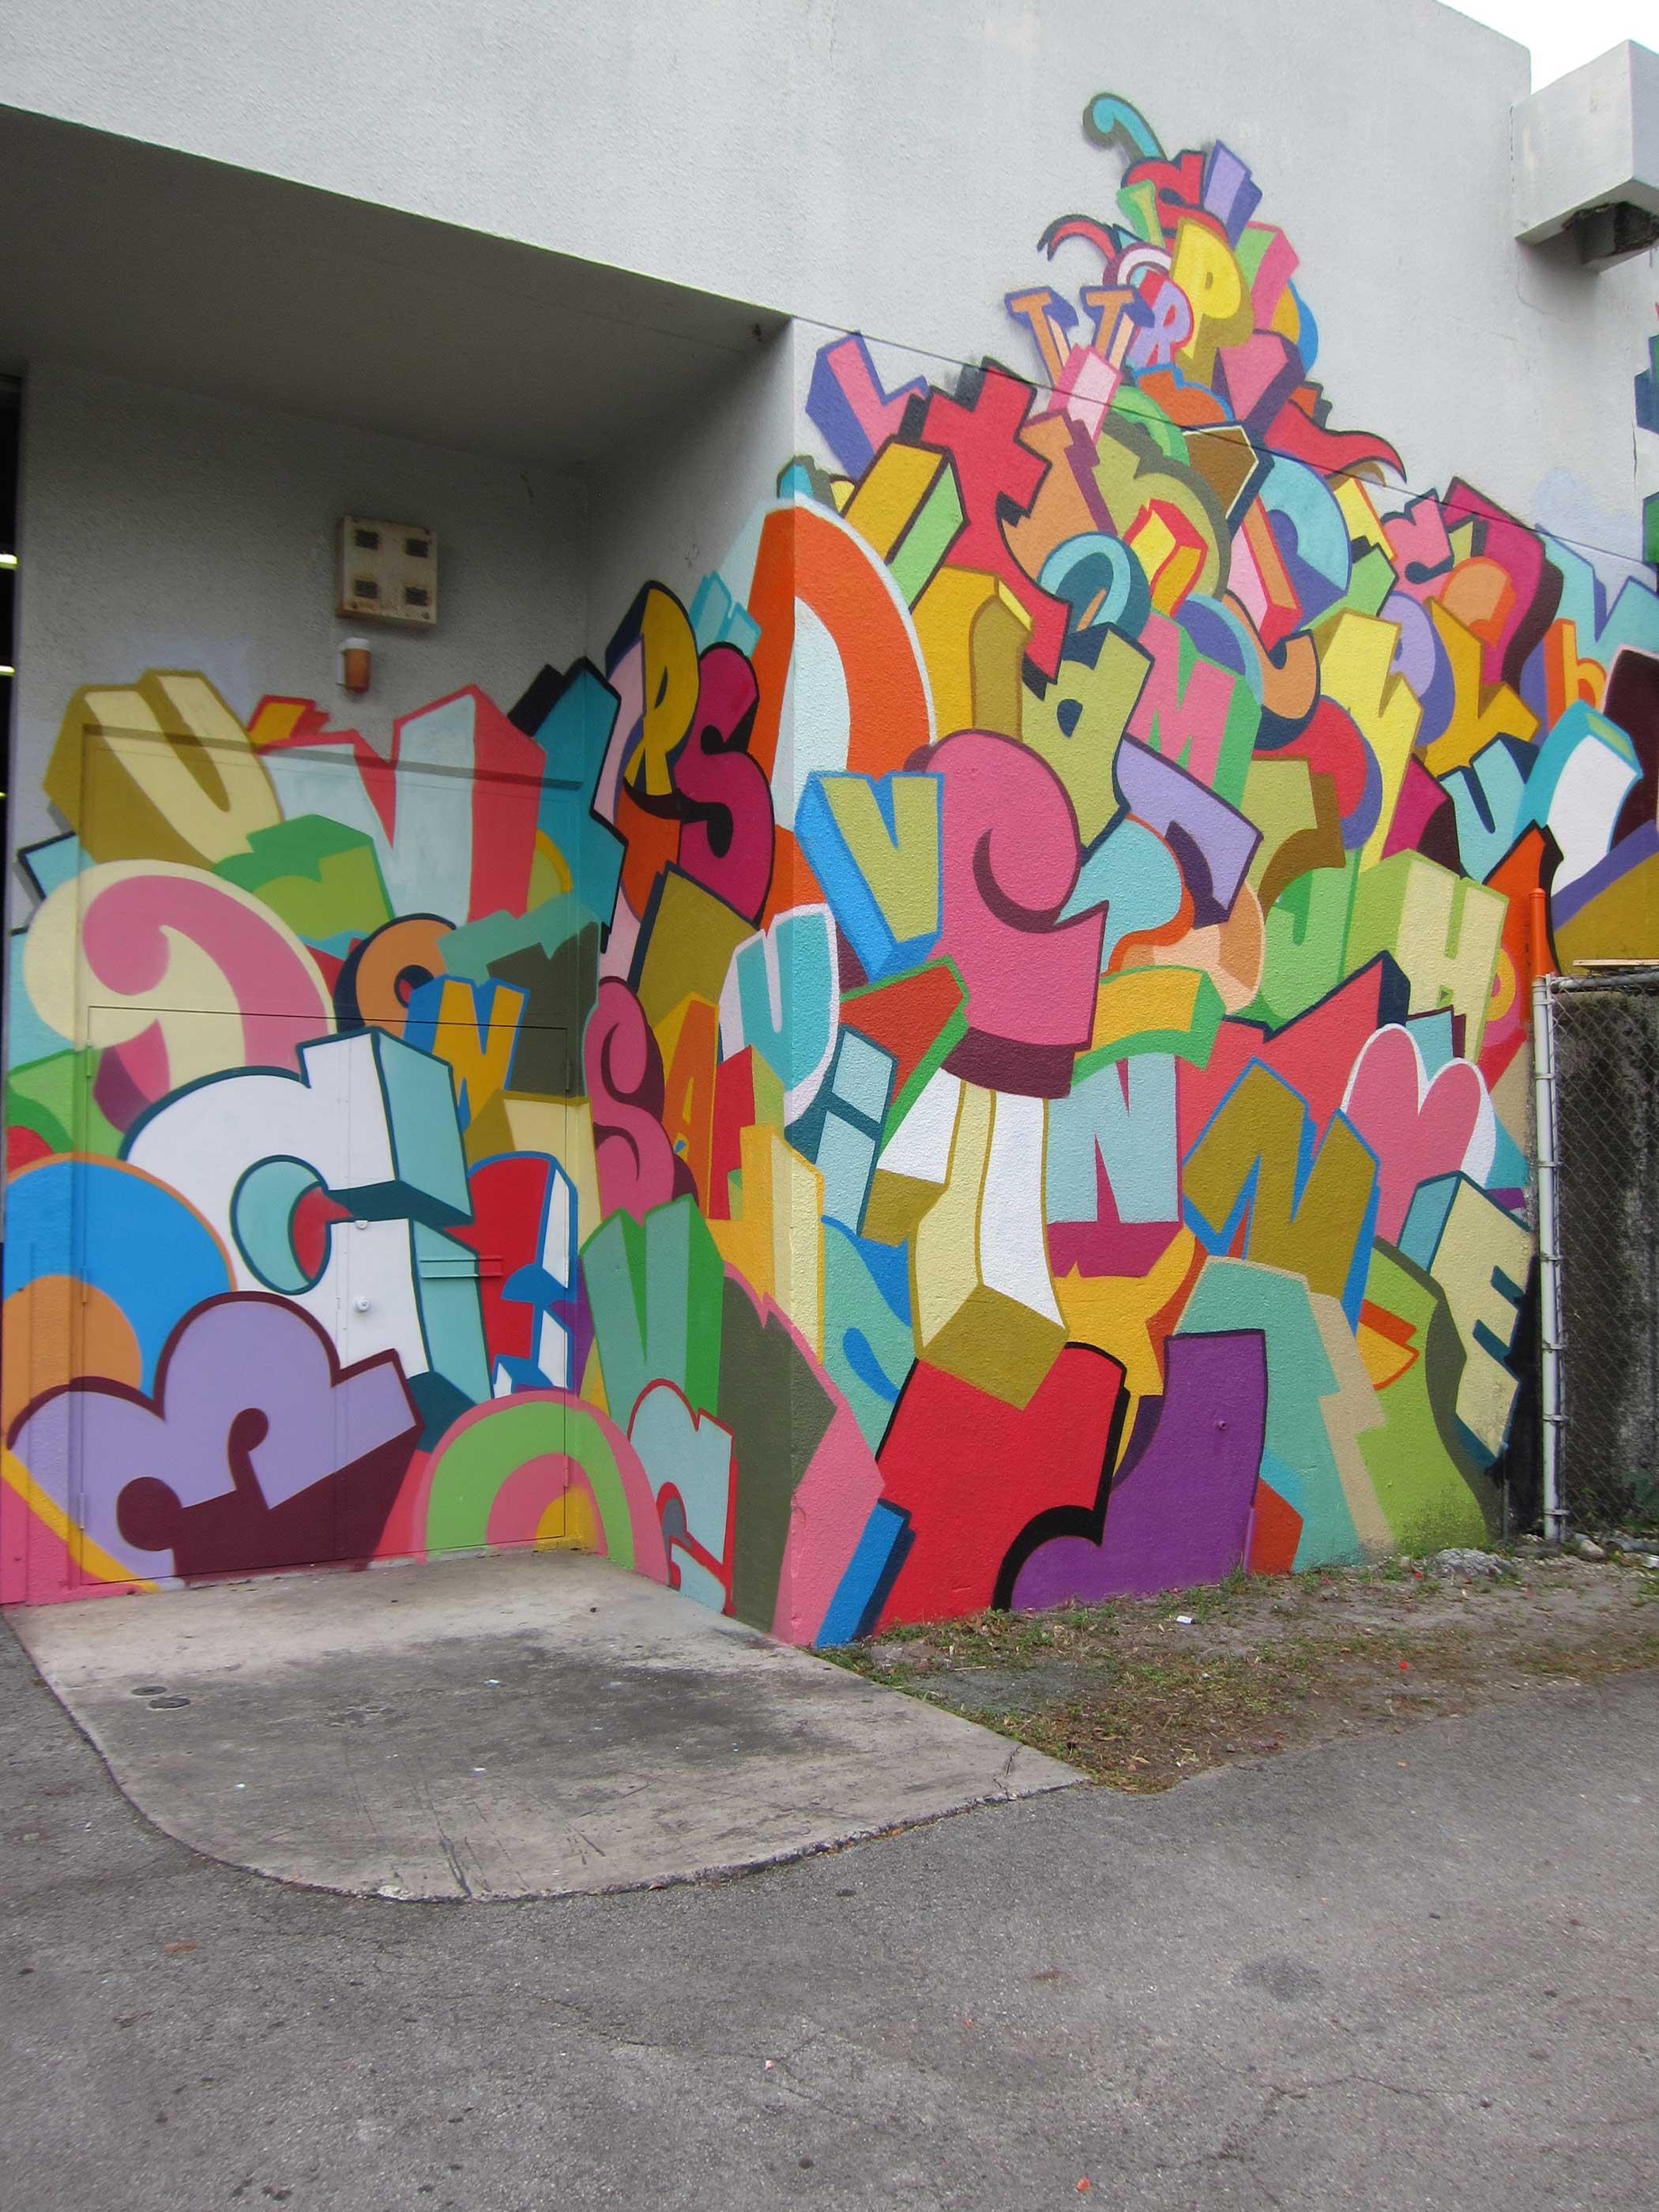 canada graffiti letters